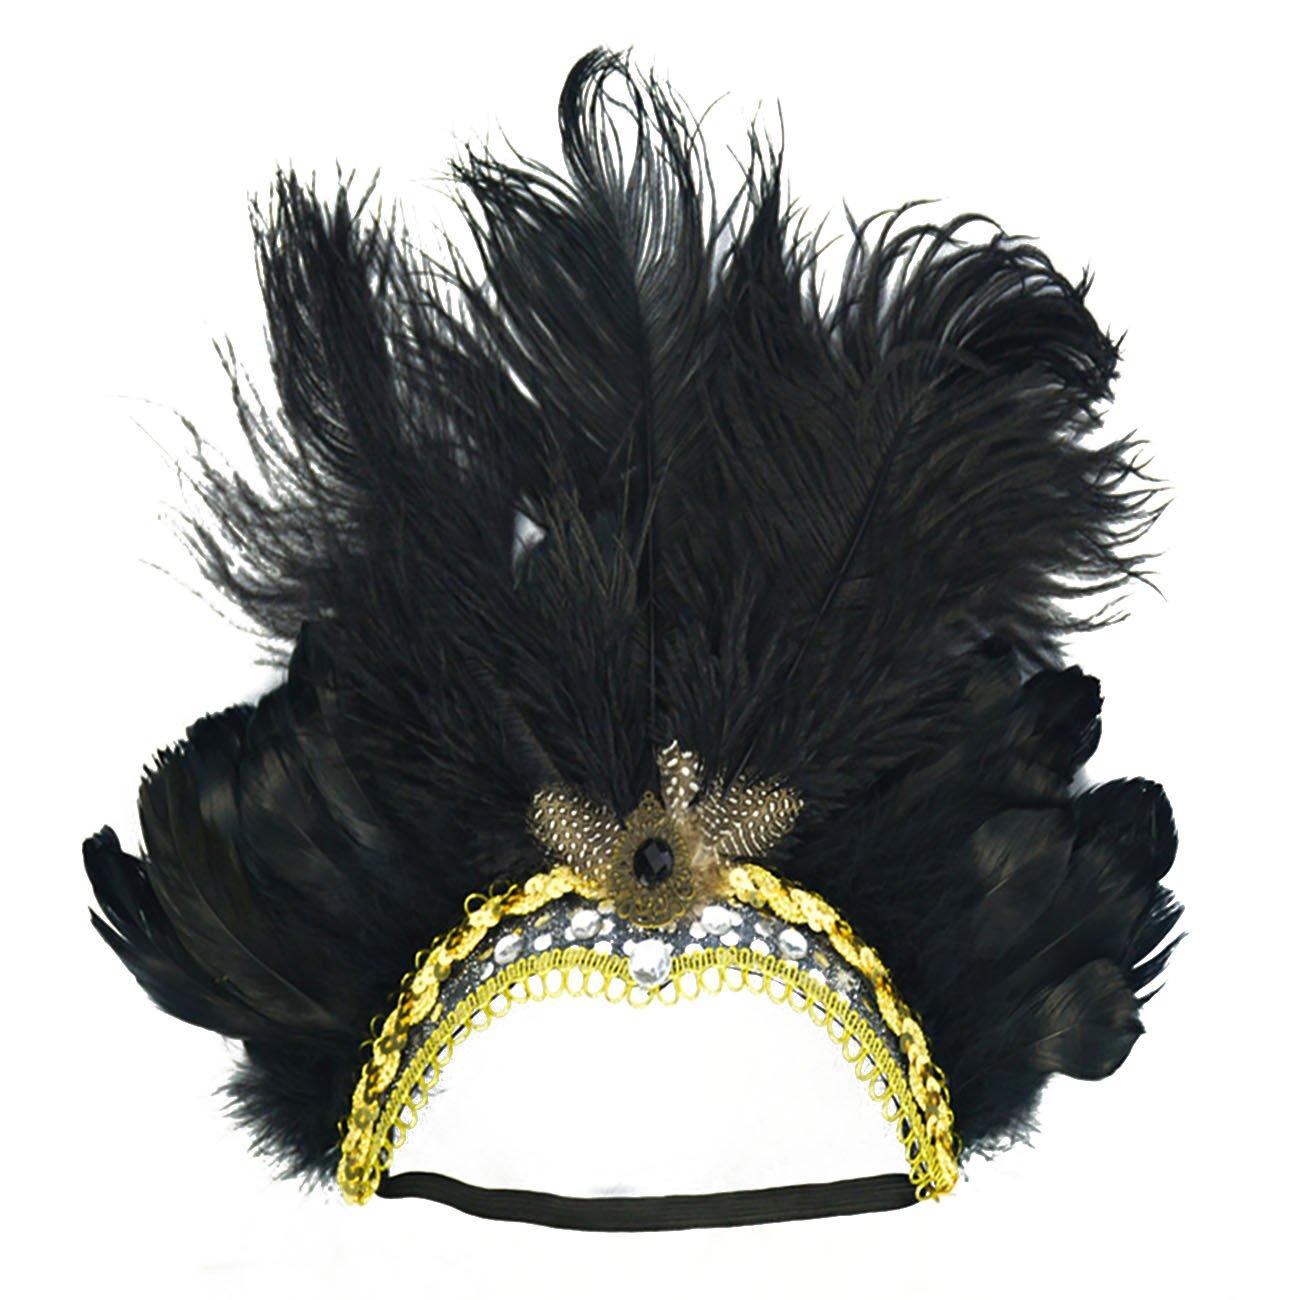 Lierys Sombrero de ala Ancha Melange Cloche Mujer Made in Italy Fieltro con Banda Grosgrain oto/ño//Invierno